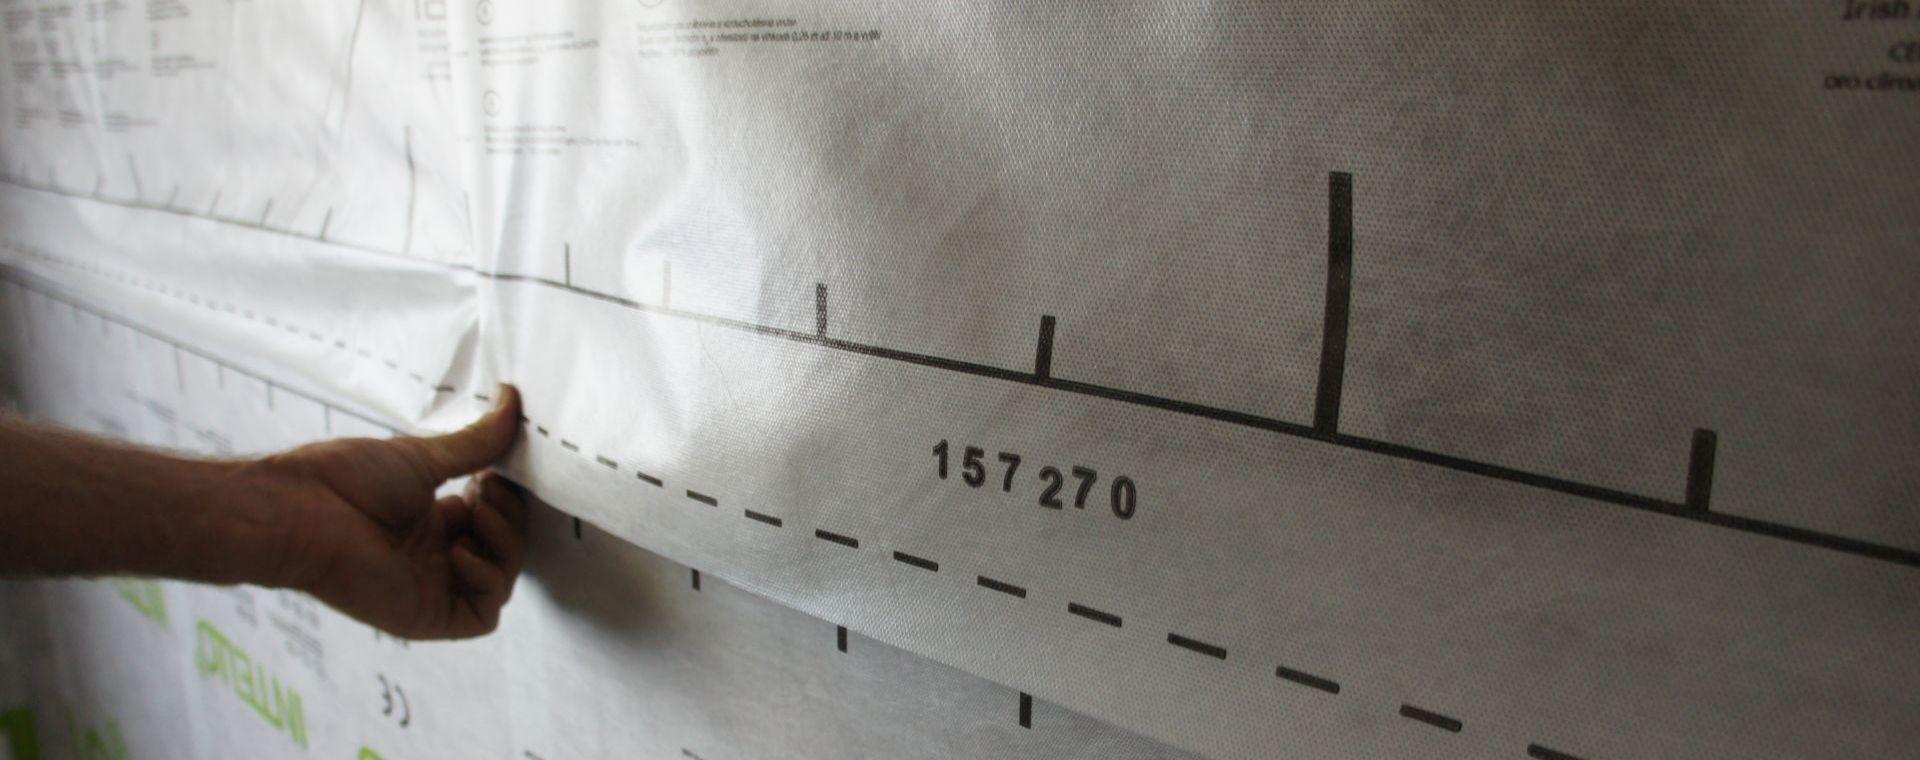 Devis Gratuit : Travaux Isolation Thermique Faux Plafond Le Perreux-sur-Marne (1 Euro)